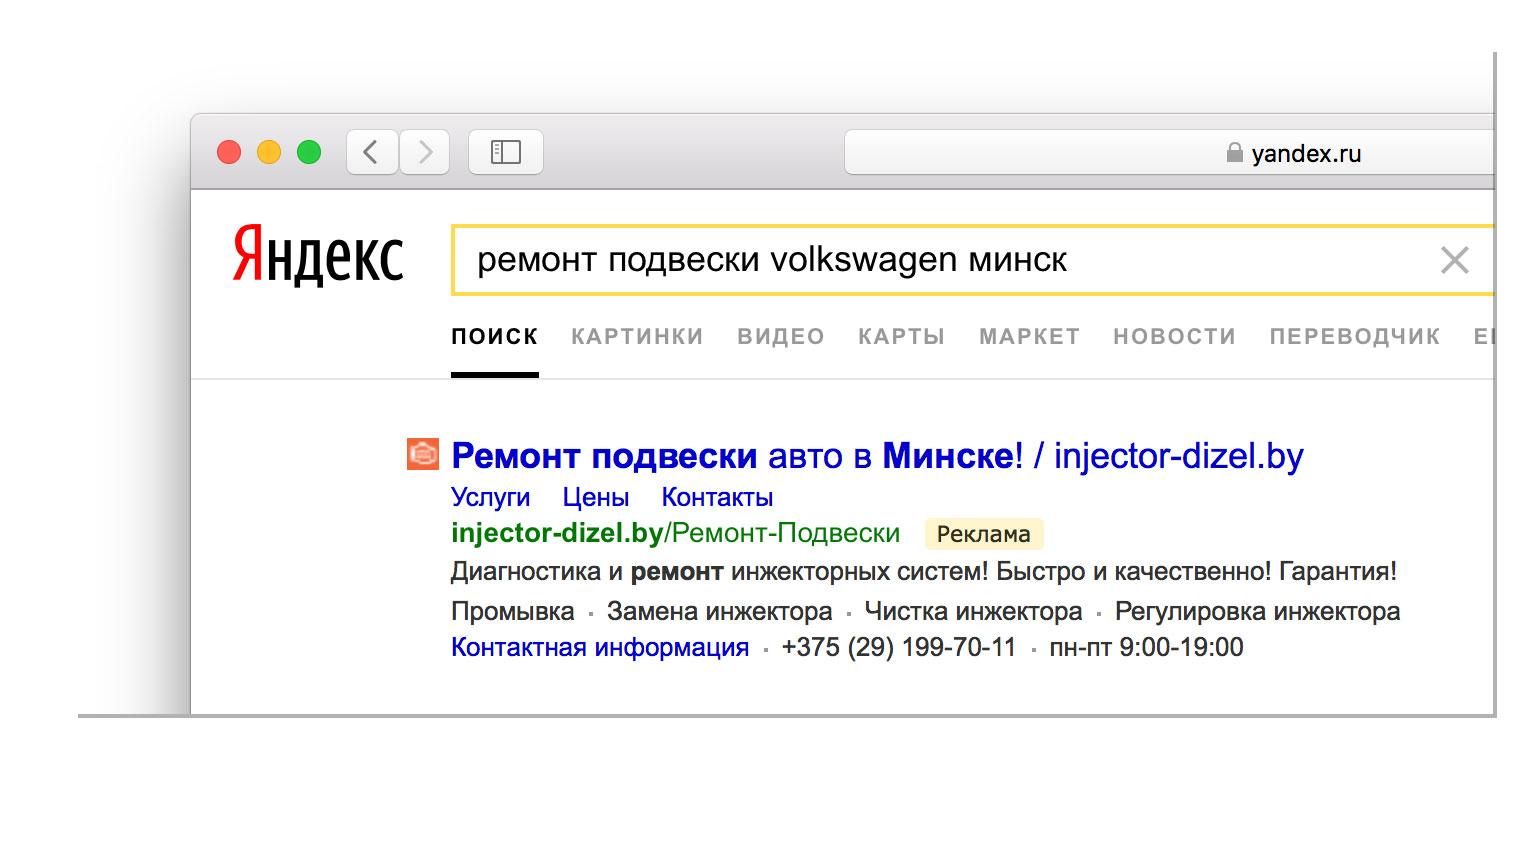 Отзывы на форуме контекстная реклама как разрекламировать банковский продукт